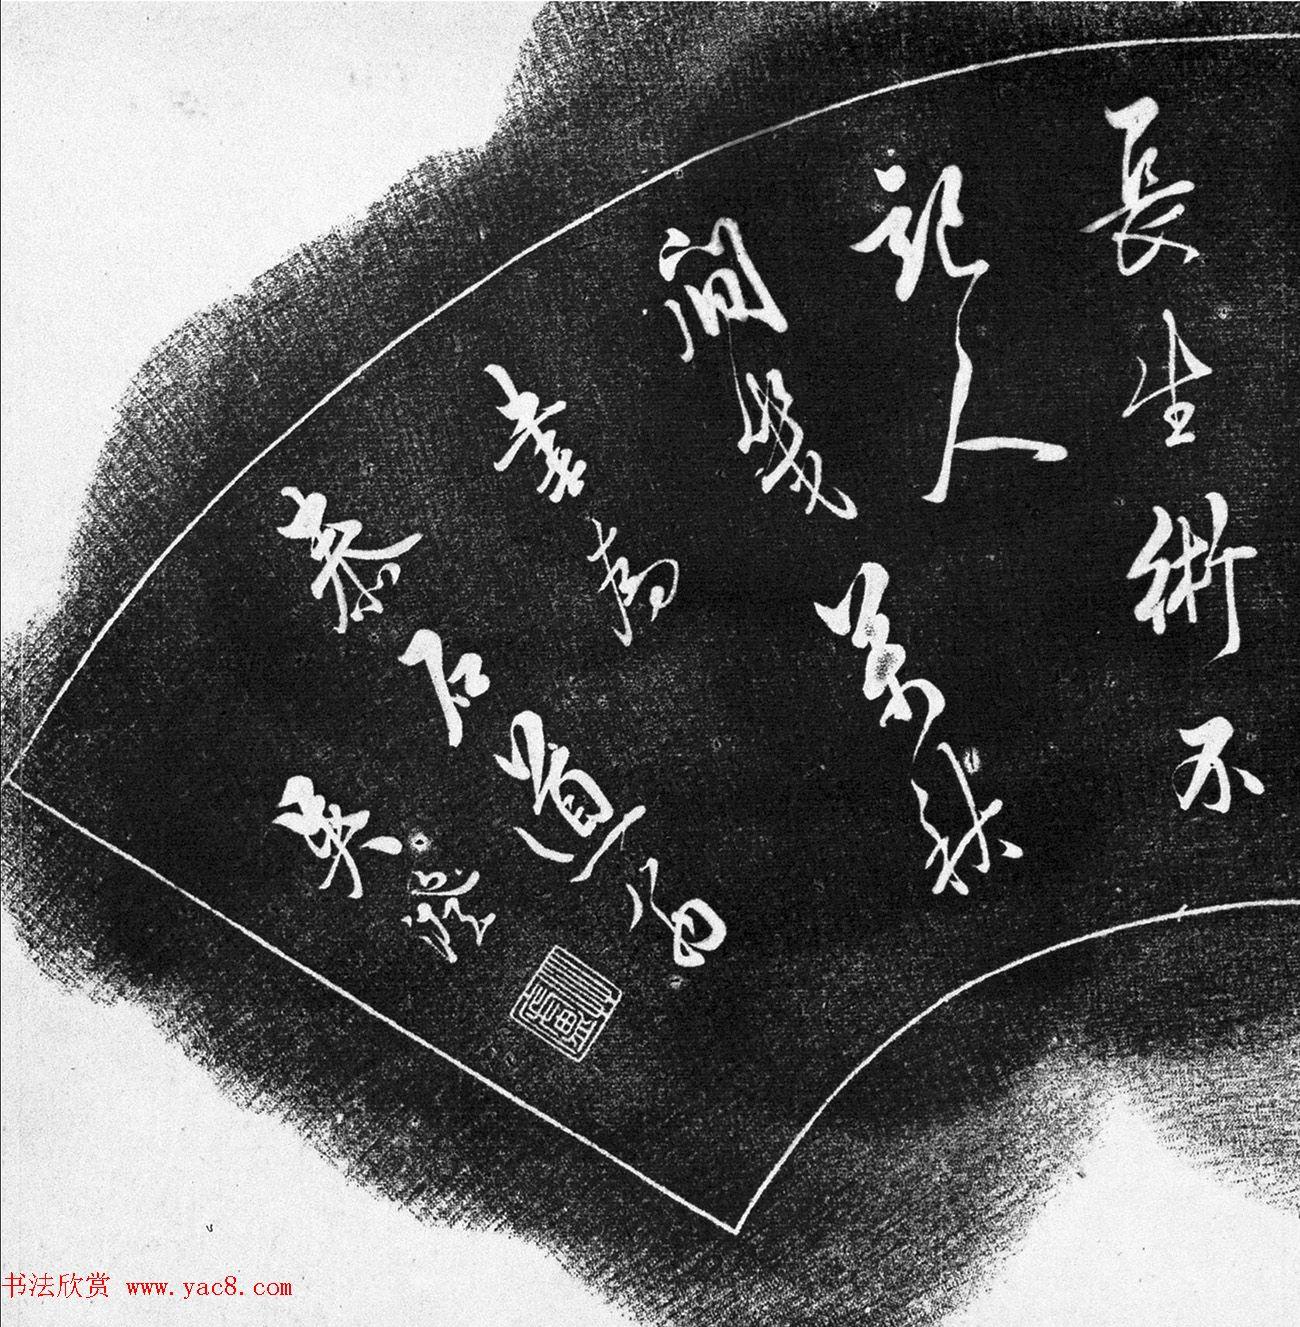 吴澄行书扇面《为泰石道翁诗刻》